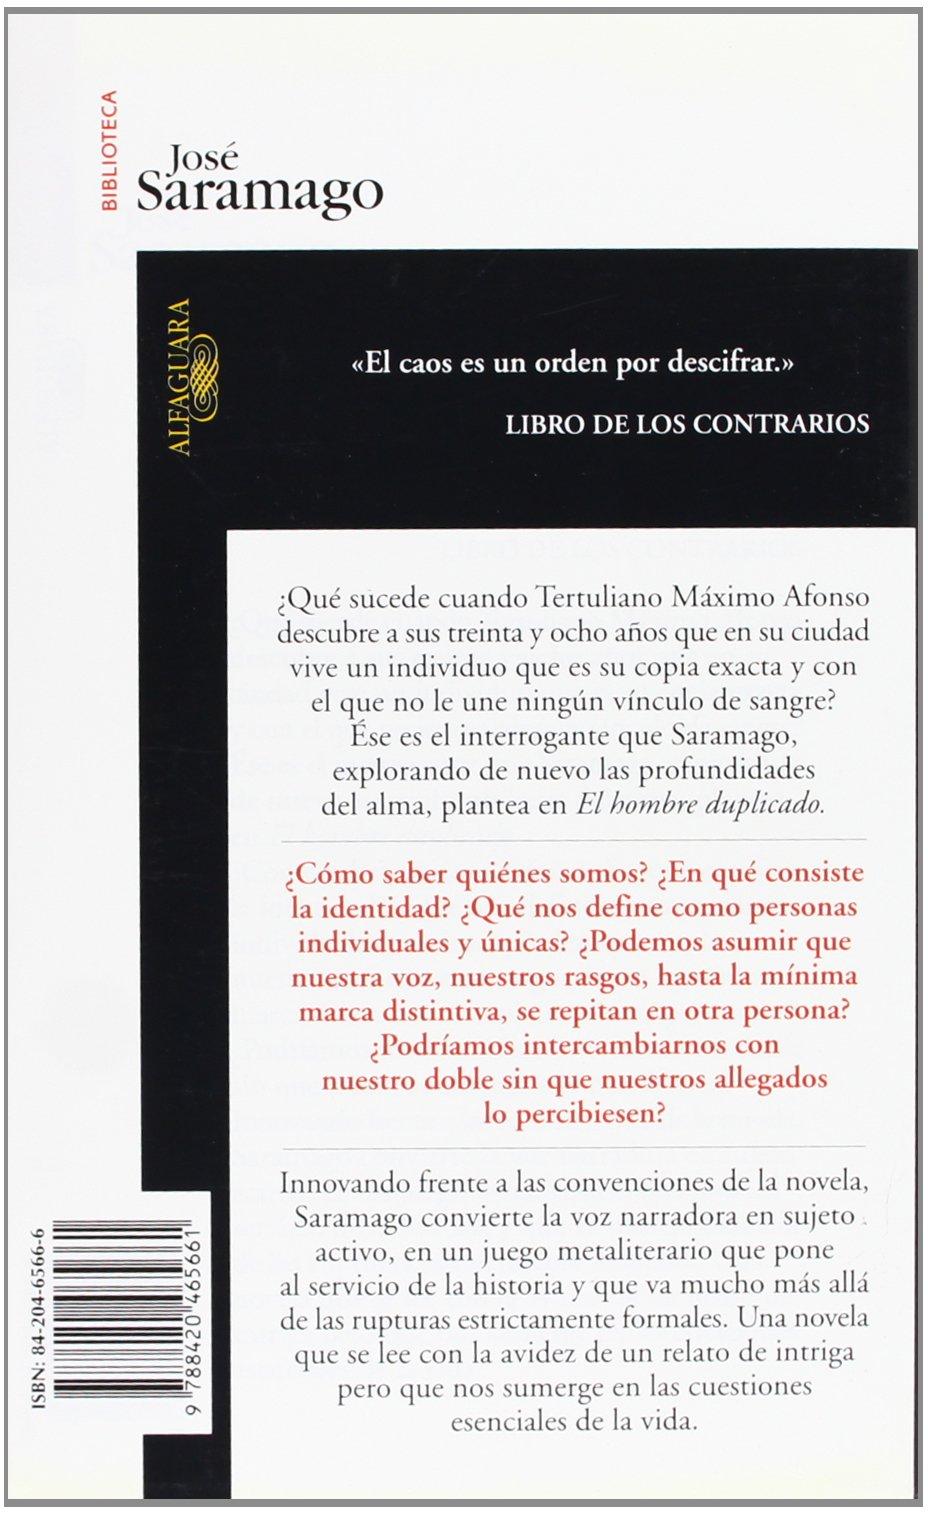 El hombre duplicado (Biblioteca Saramago): Amazon.es: José Saramago: Libros